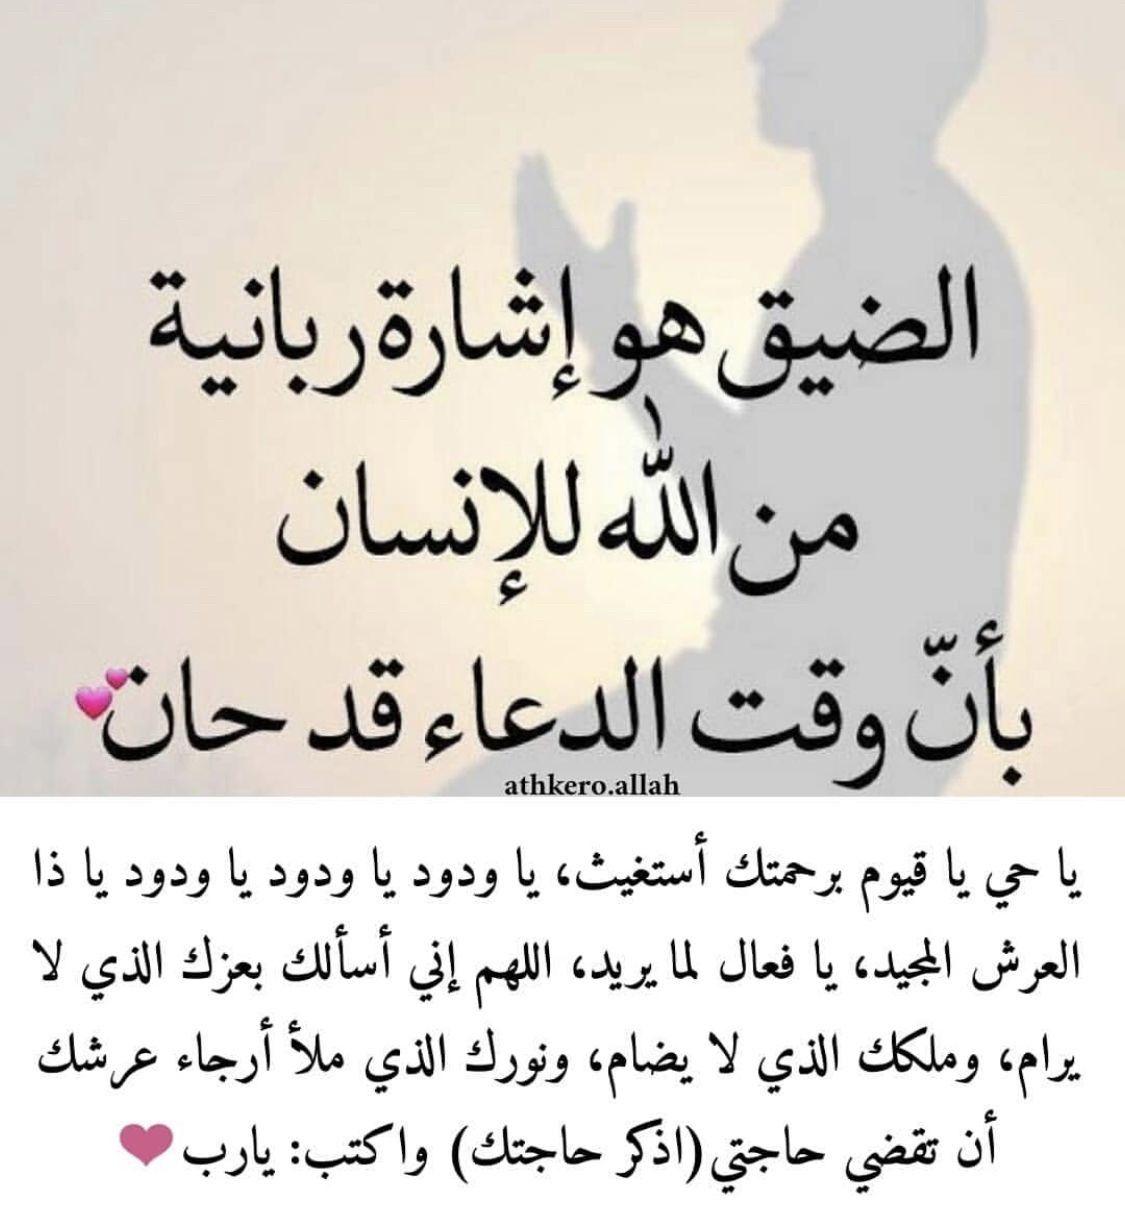 أذكار المسلم اذكر الله في كل مكان وزمان Quran Quotes Inspirational Islamic Inspirational Quotes Quran Quotes Verses